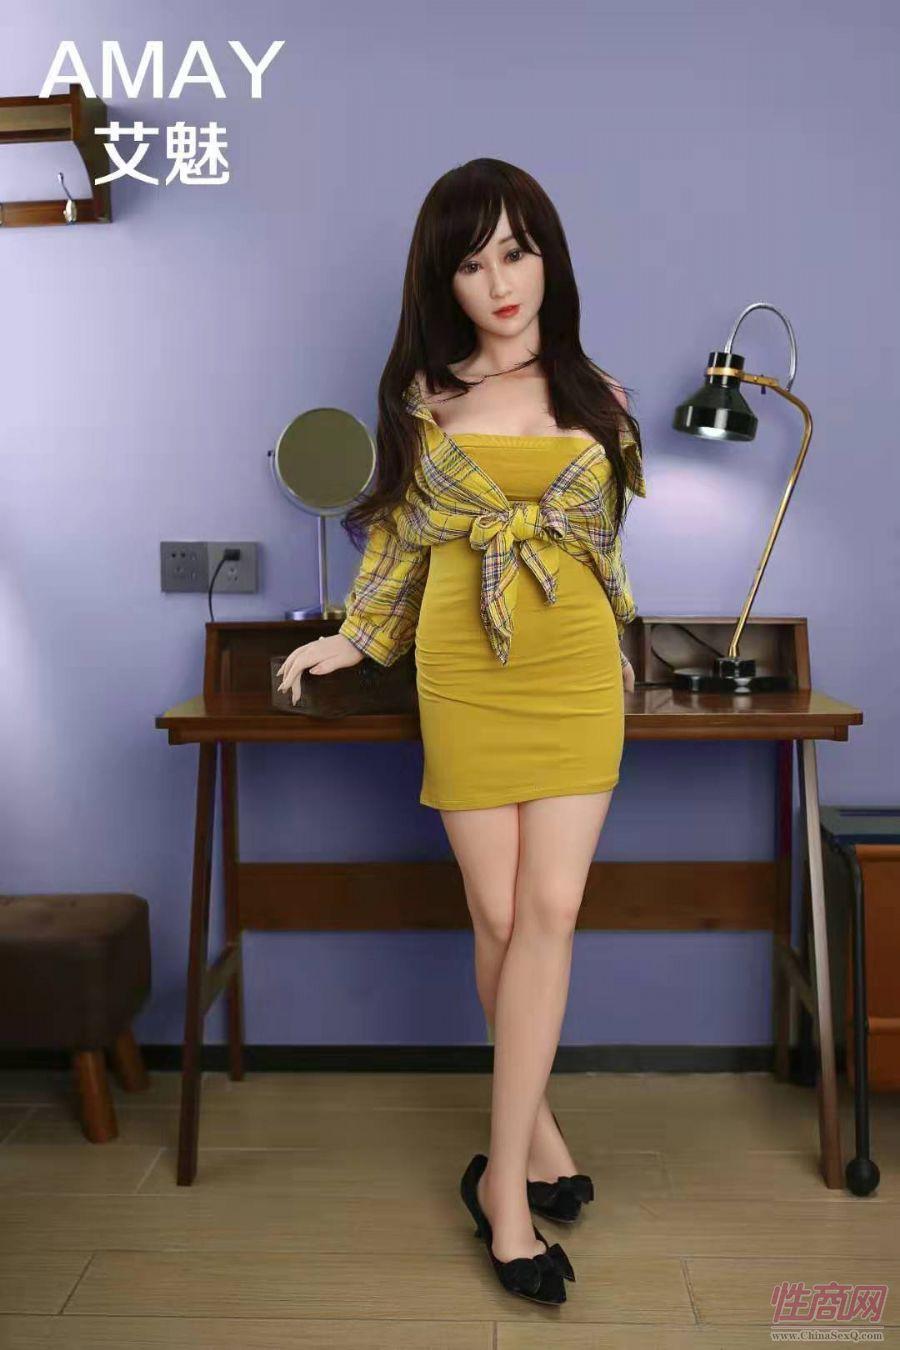 艾魅/AMAY硅胶实体娃娃美艳少妇-茜茜